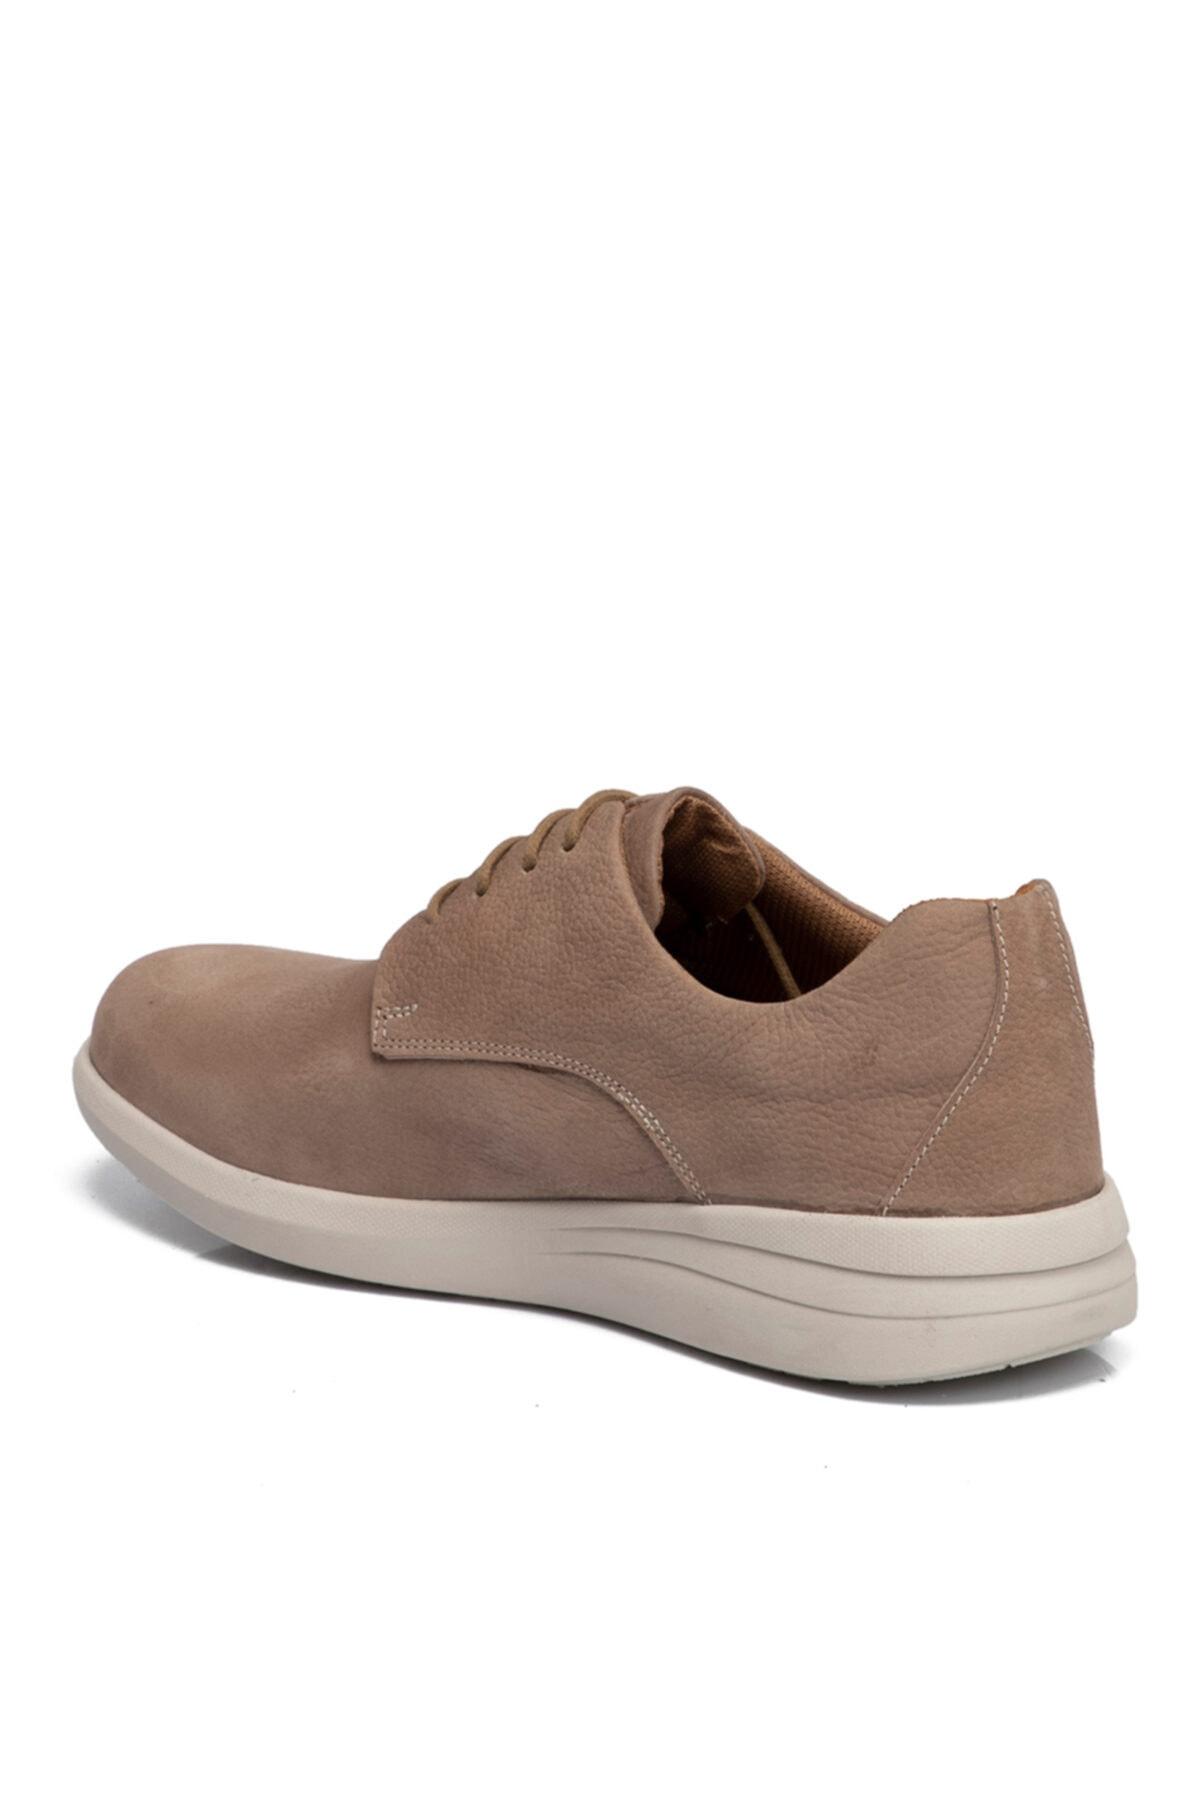 Tergan Erkek Bej Deri Ayakkabı 54701b21 2